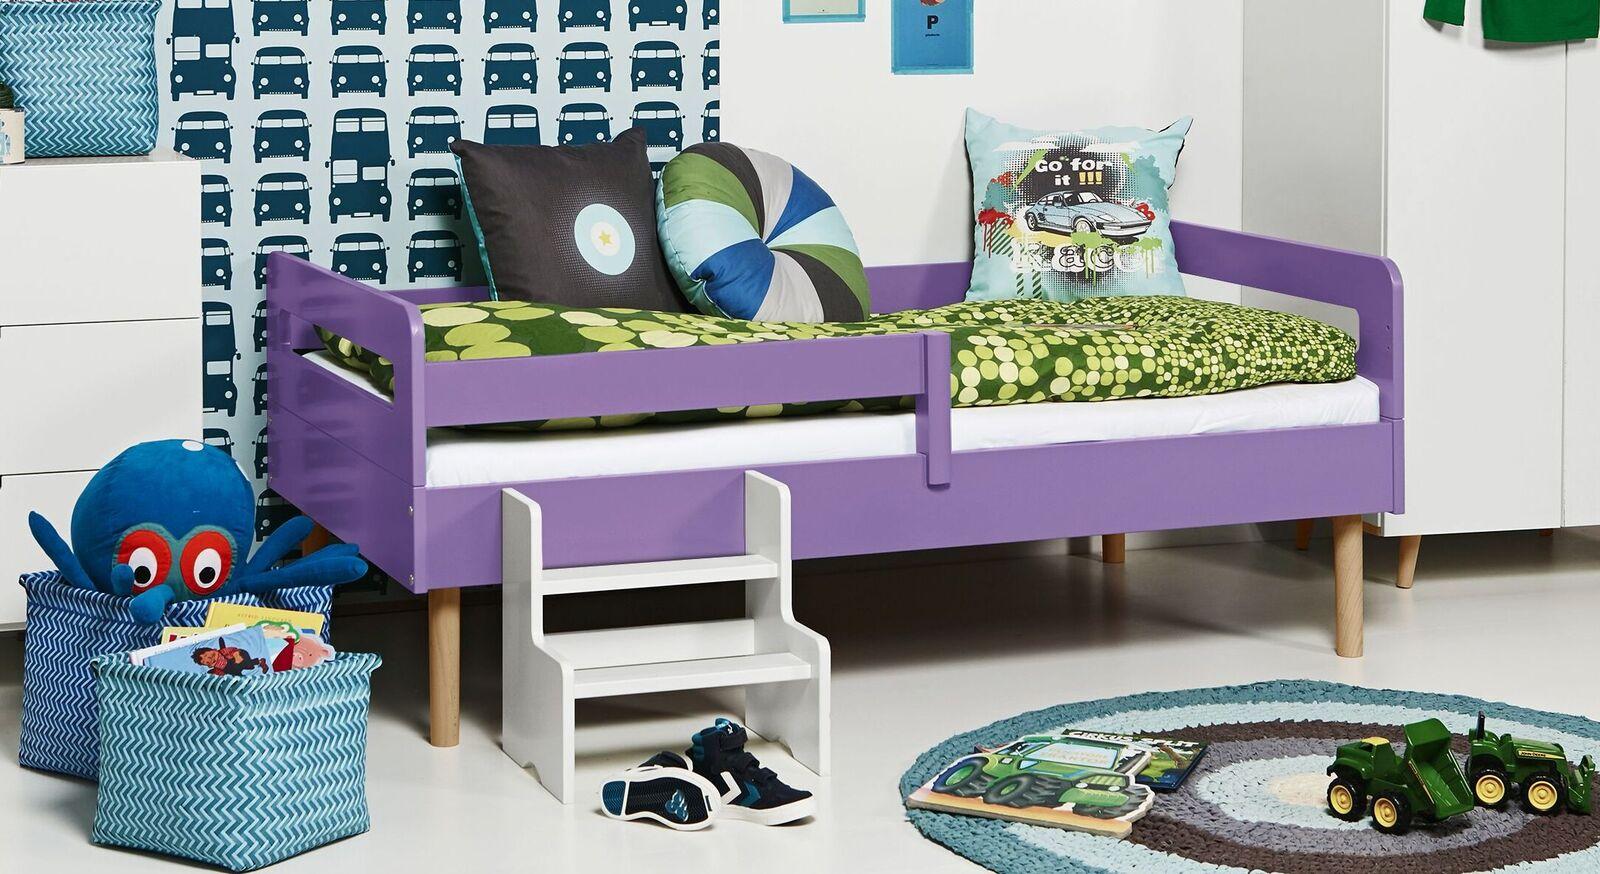 Modernes Kinderbett Kids Town Retro aus violettem MDF